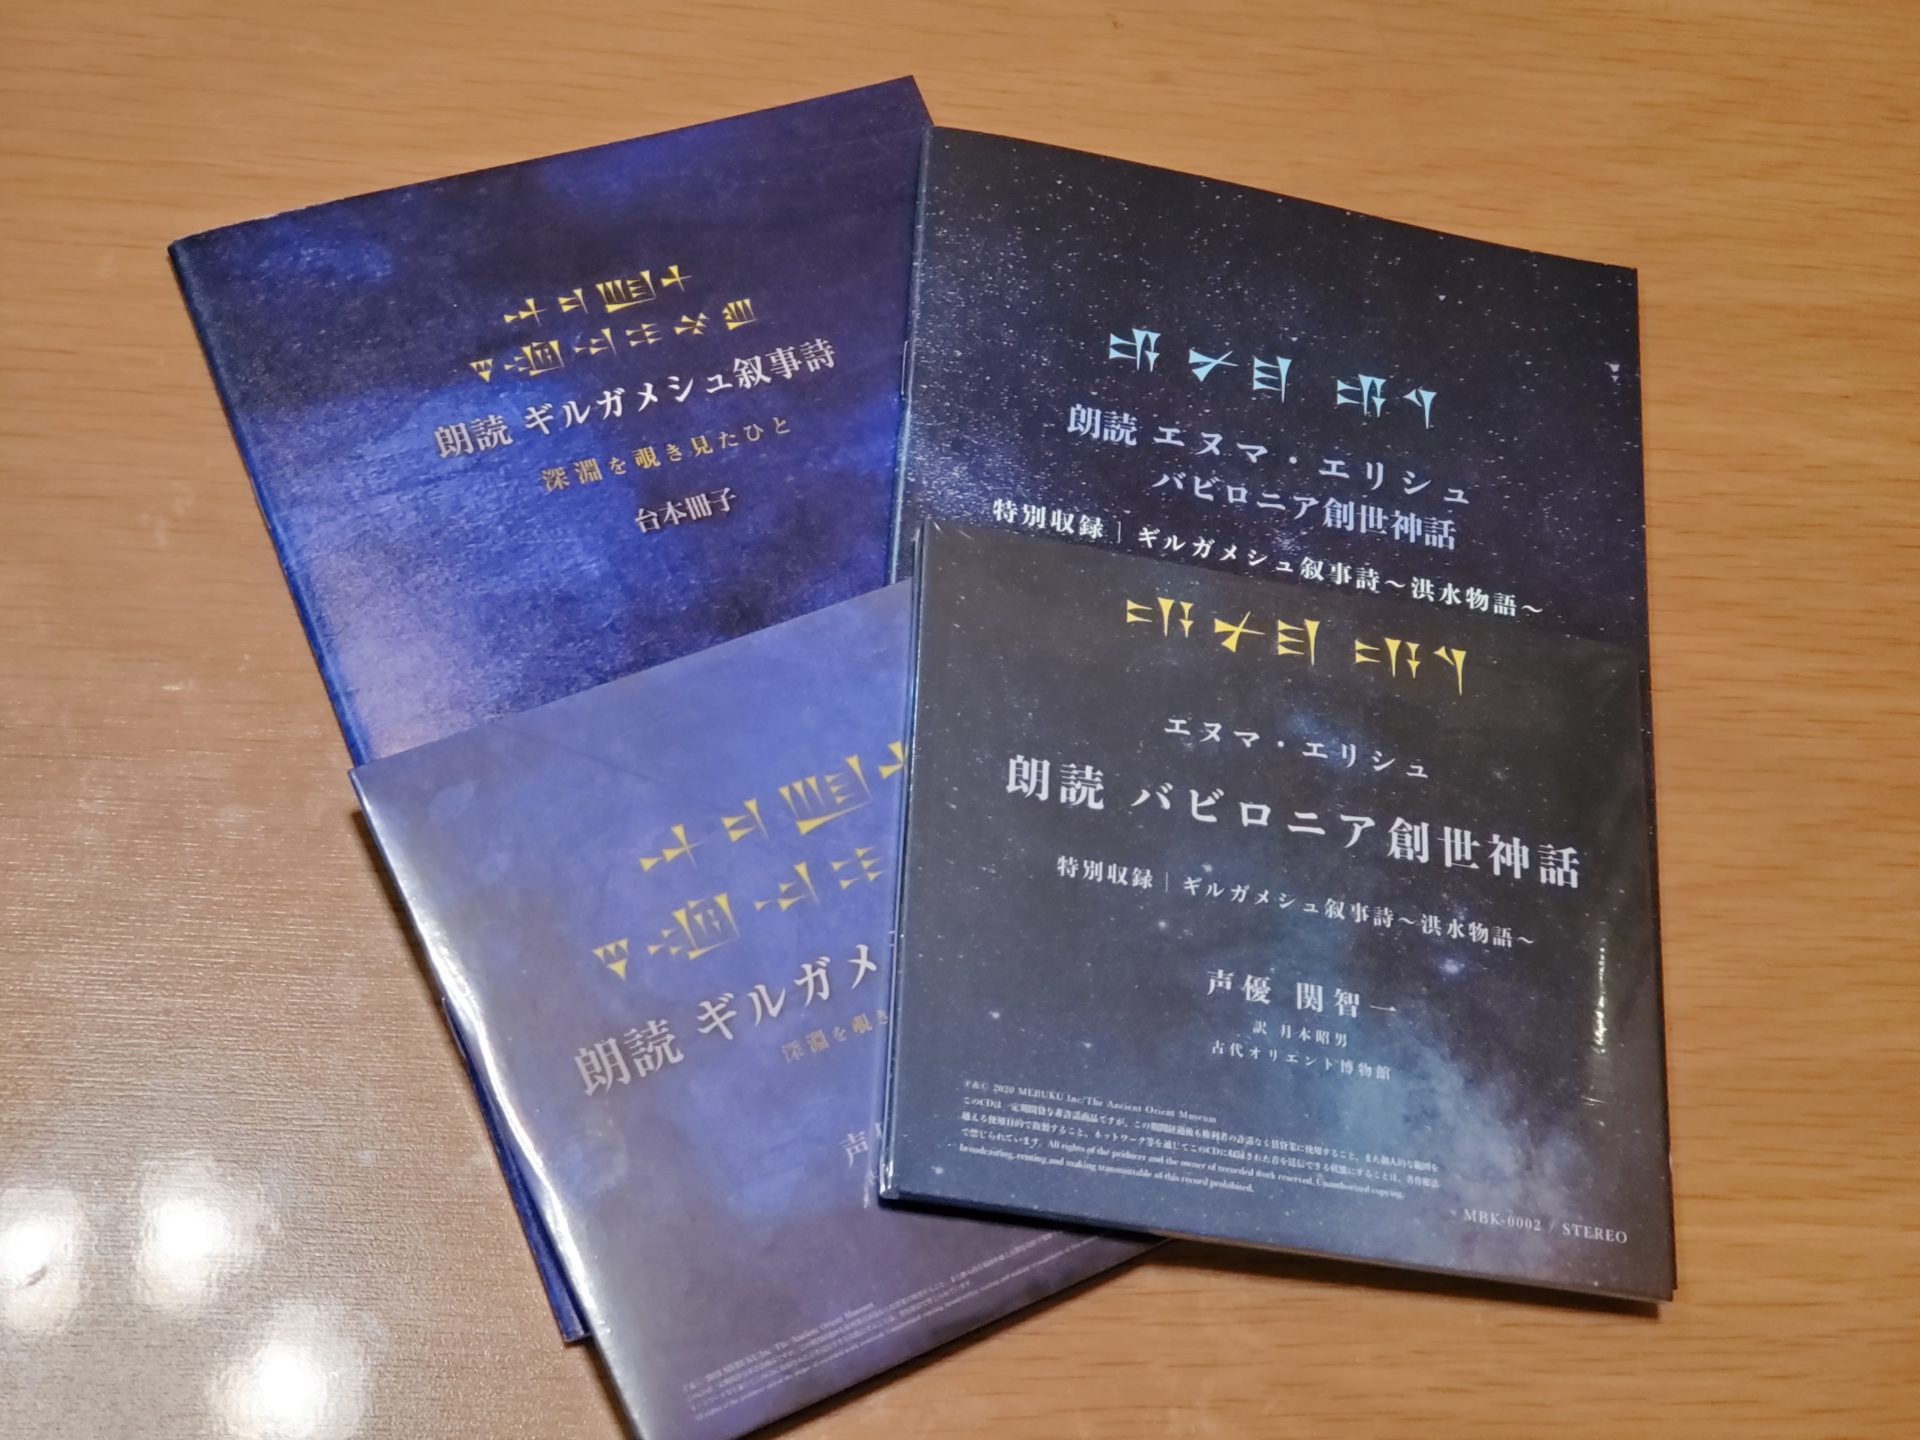 「朗読 バビロニア創世神話」と「朗読 ギルガメシュ叙事詩」のCDと台本セット